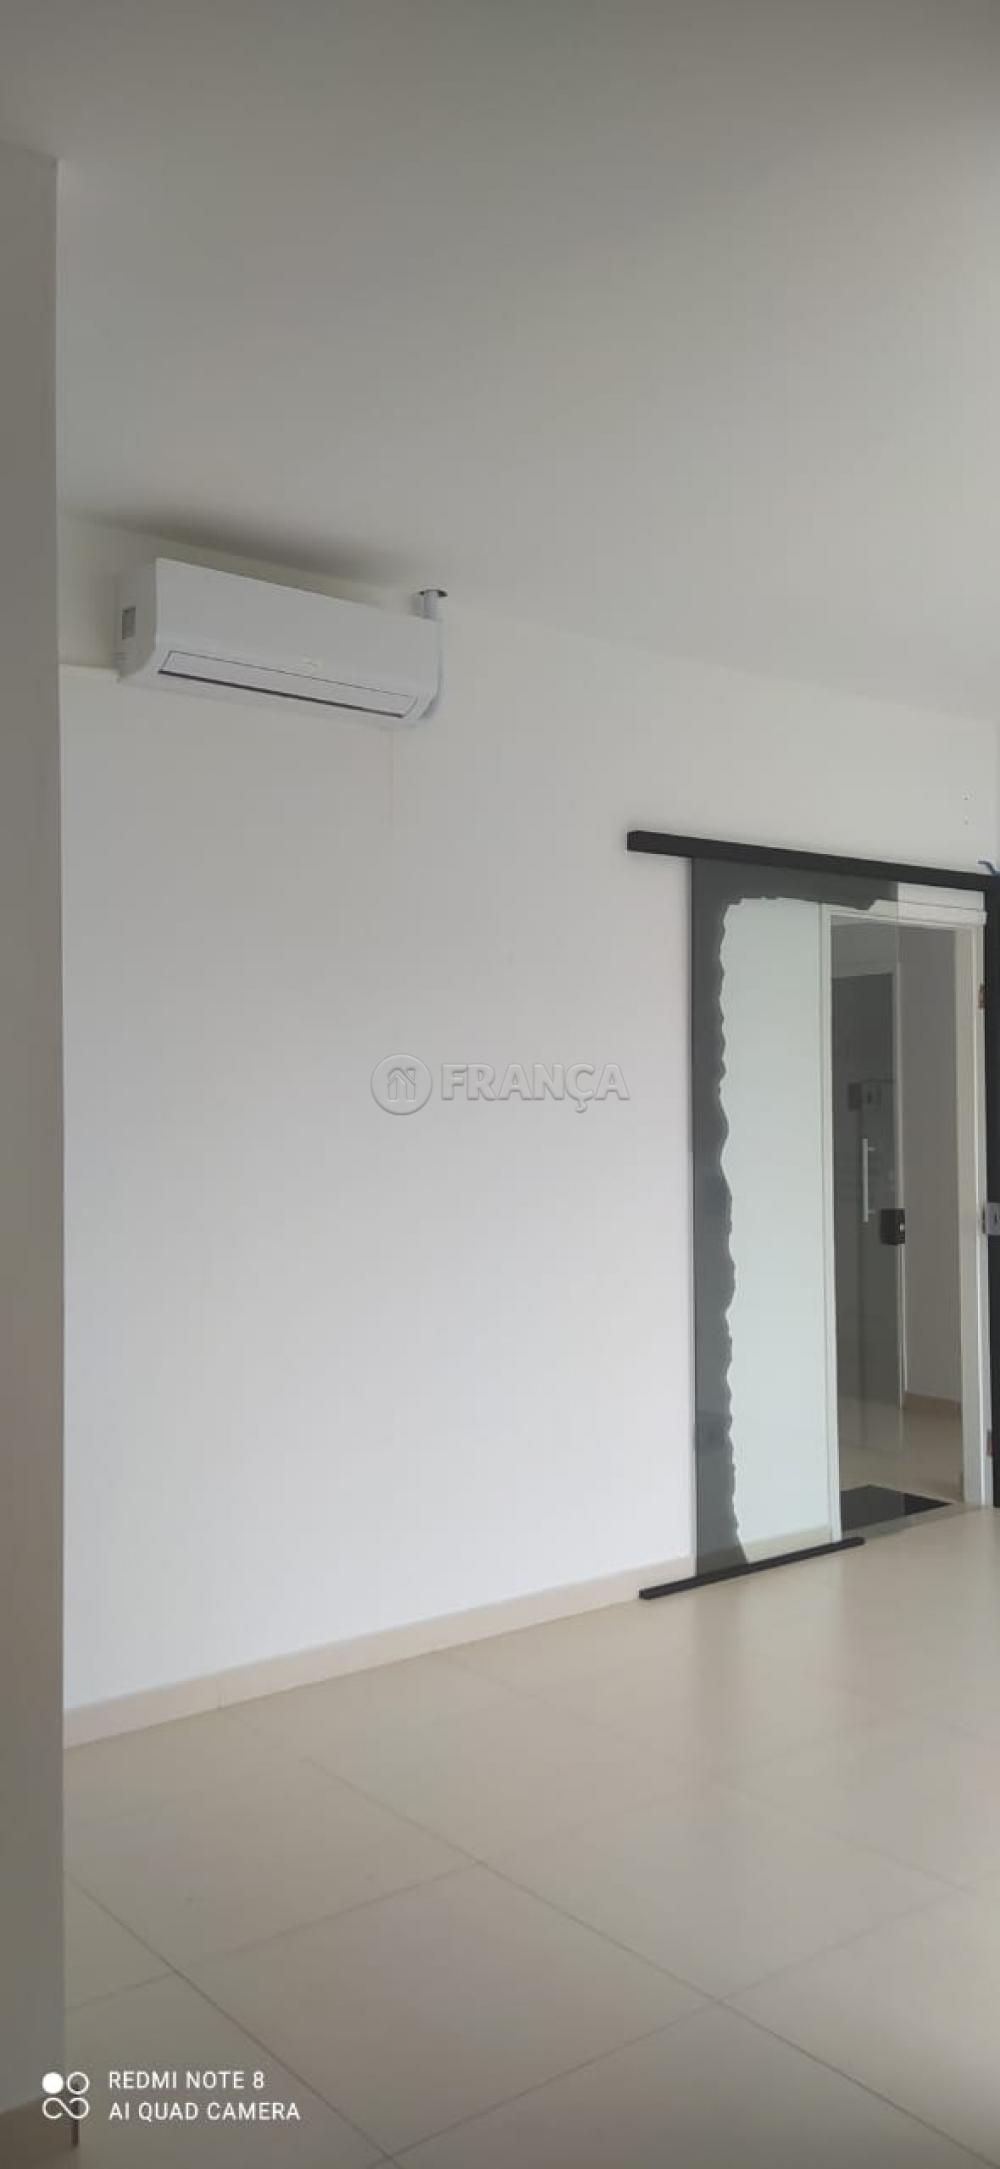 Alugar Comercial / Sala em Jacareí apenas R$ 1.000,00 - Foto 10